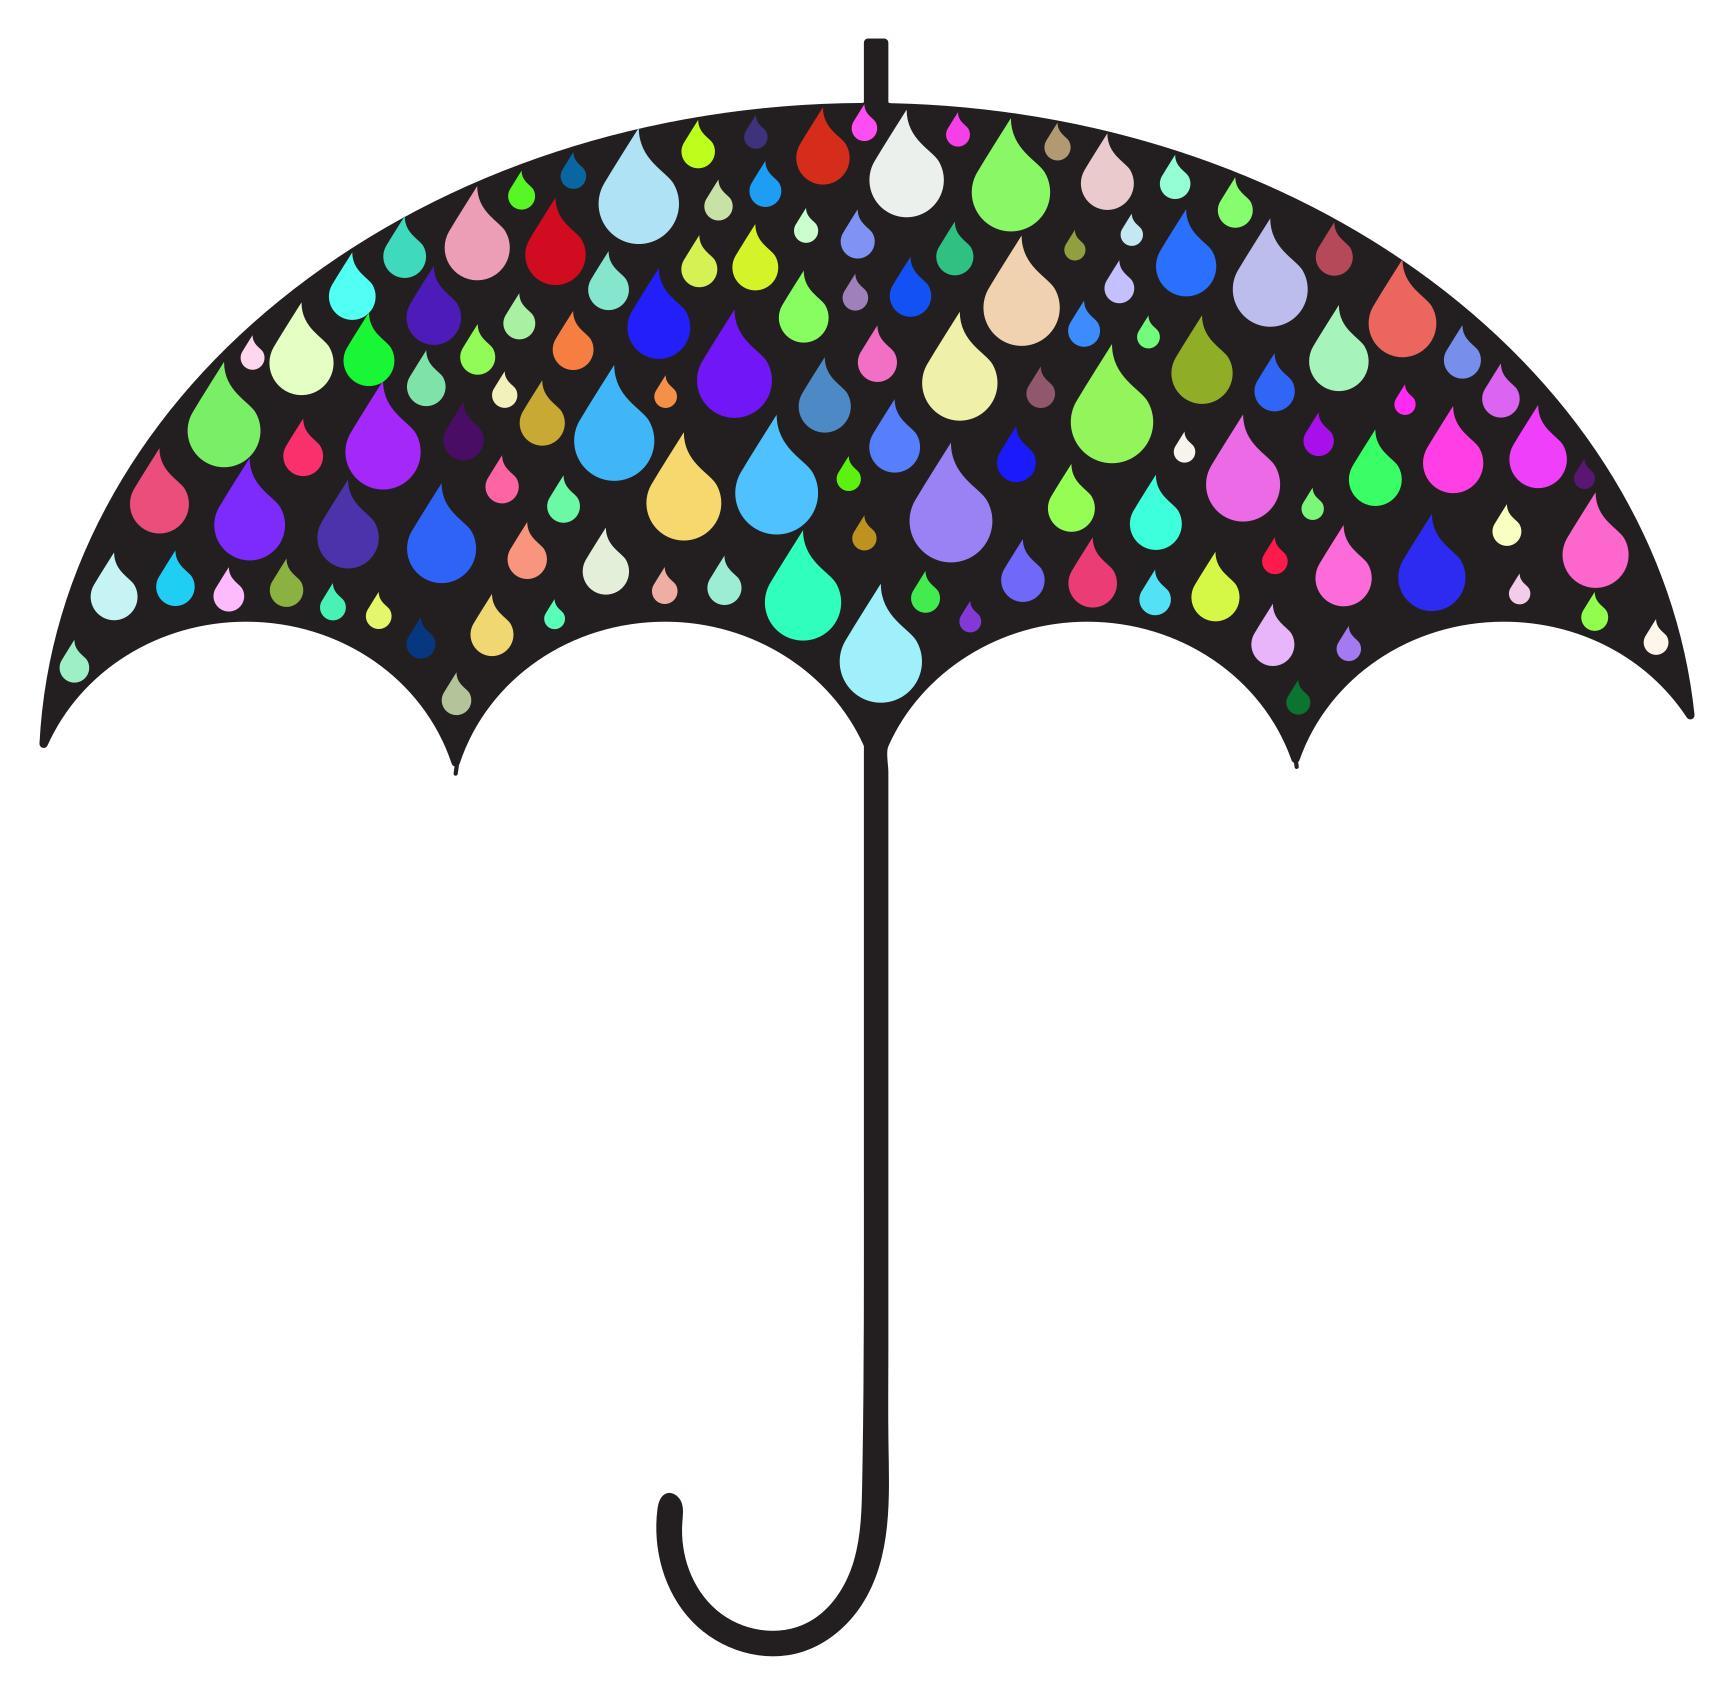 1734x1694 Prismatic Rain Drops Umbrella Silhouette Clipart